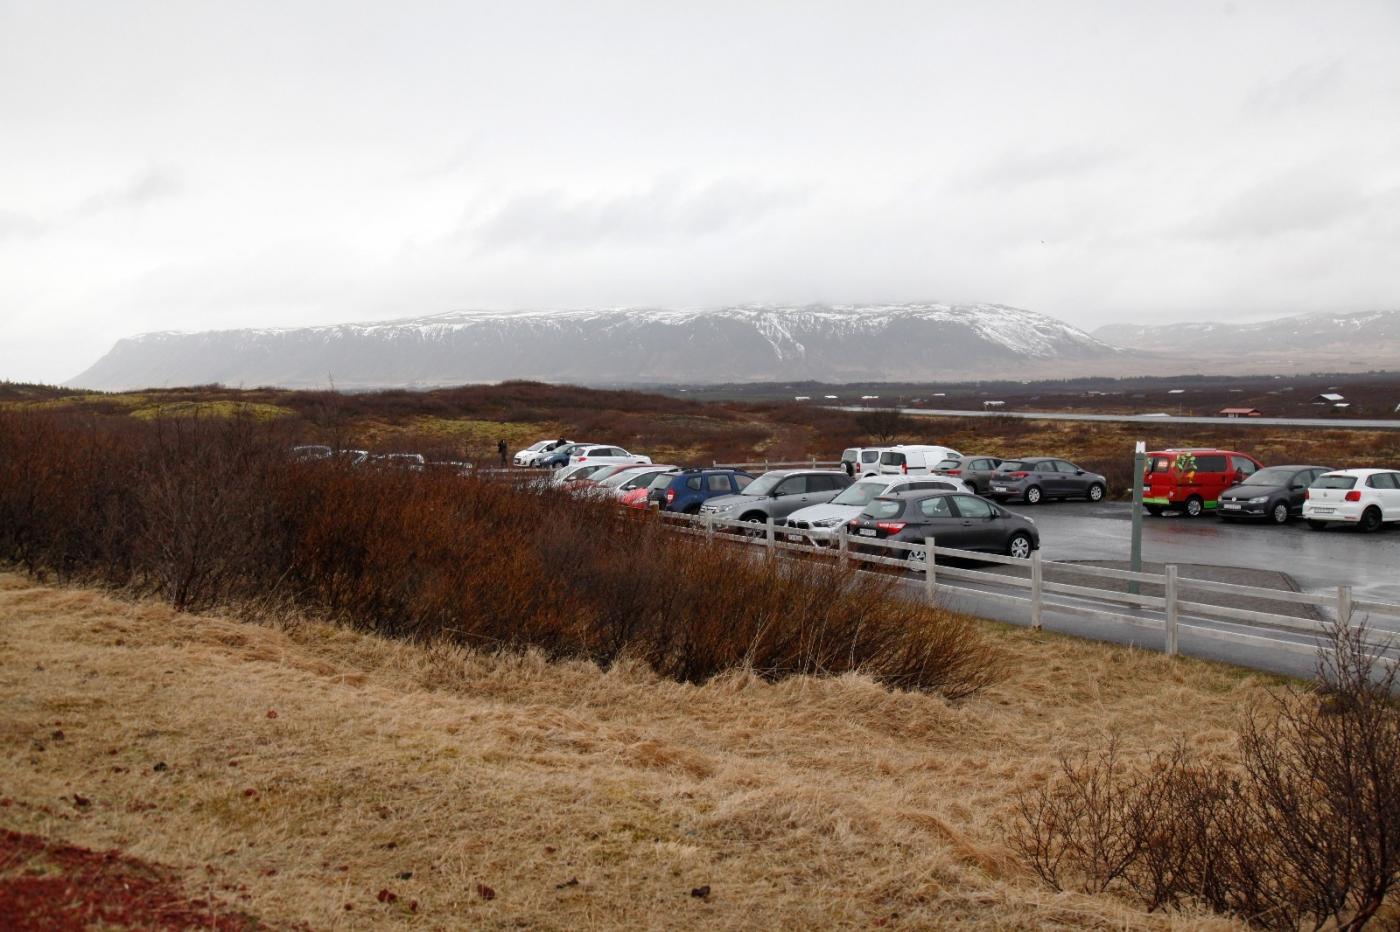 冰岛异国风情_图1-7